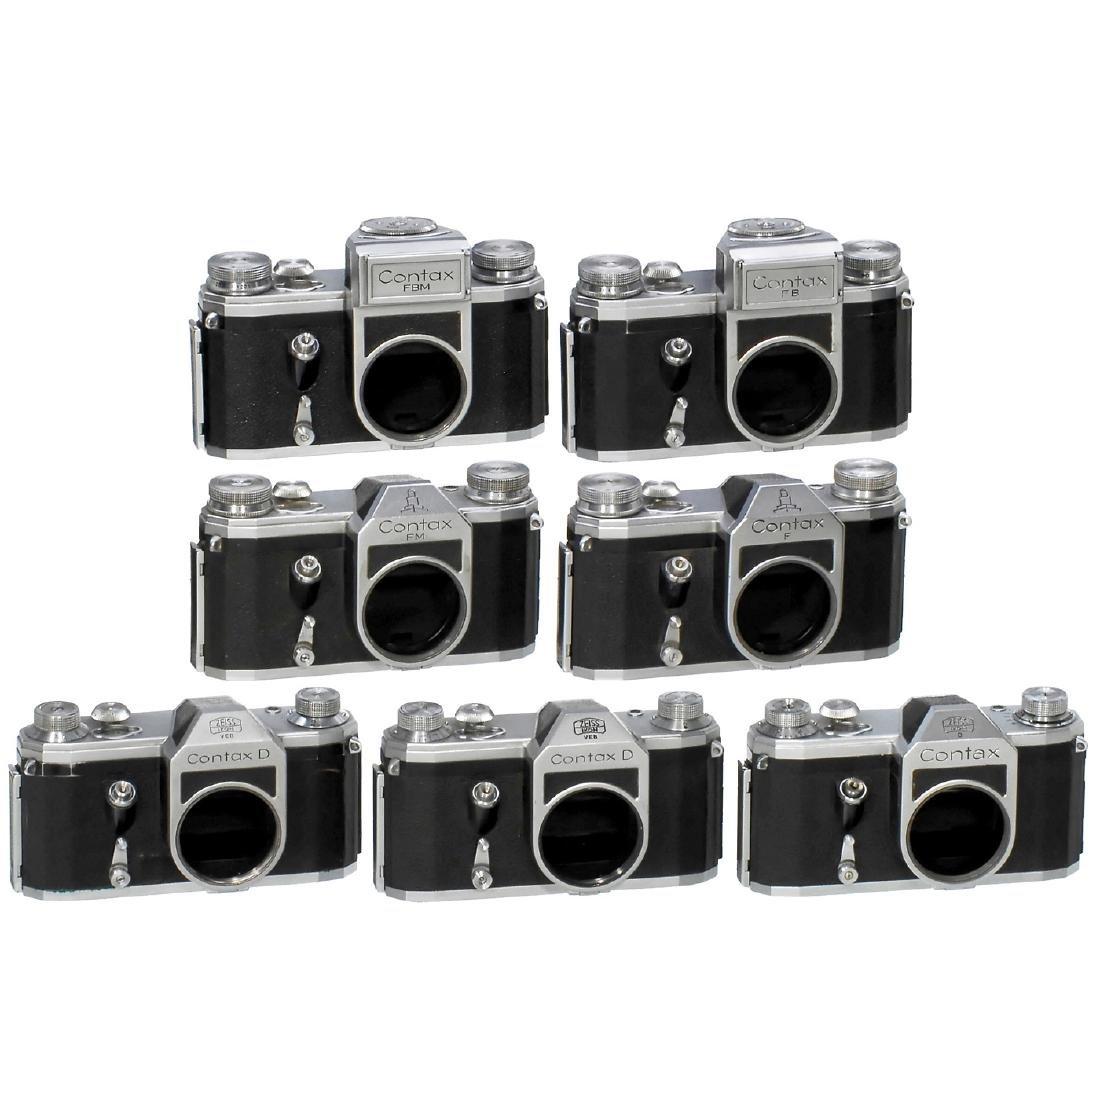 7 Contax SLR Cameras, 1951-58